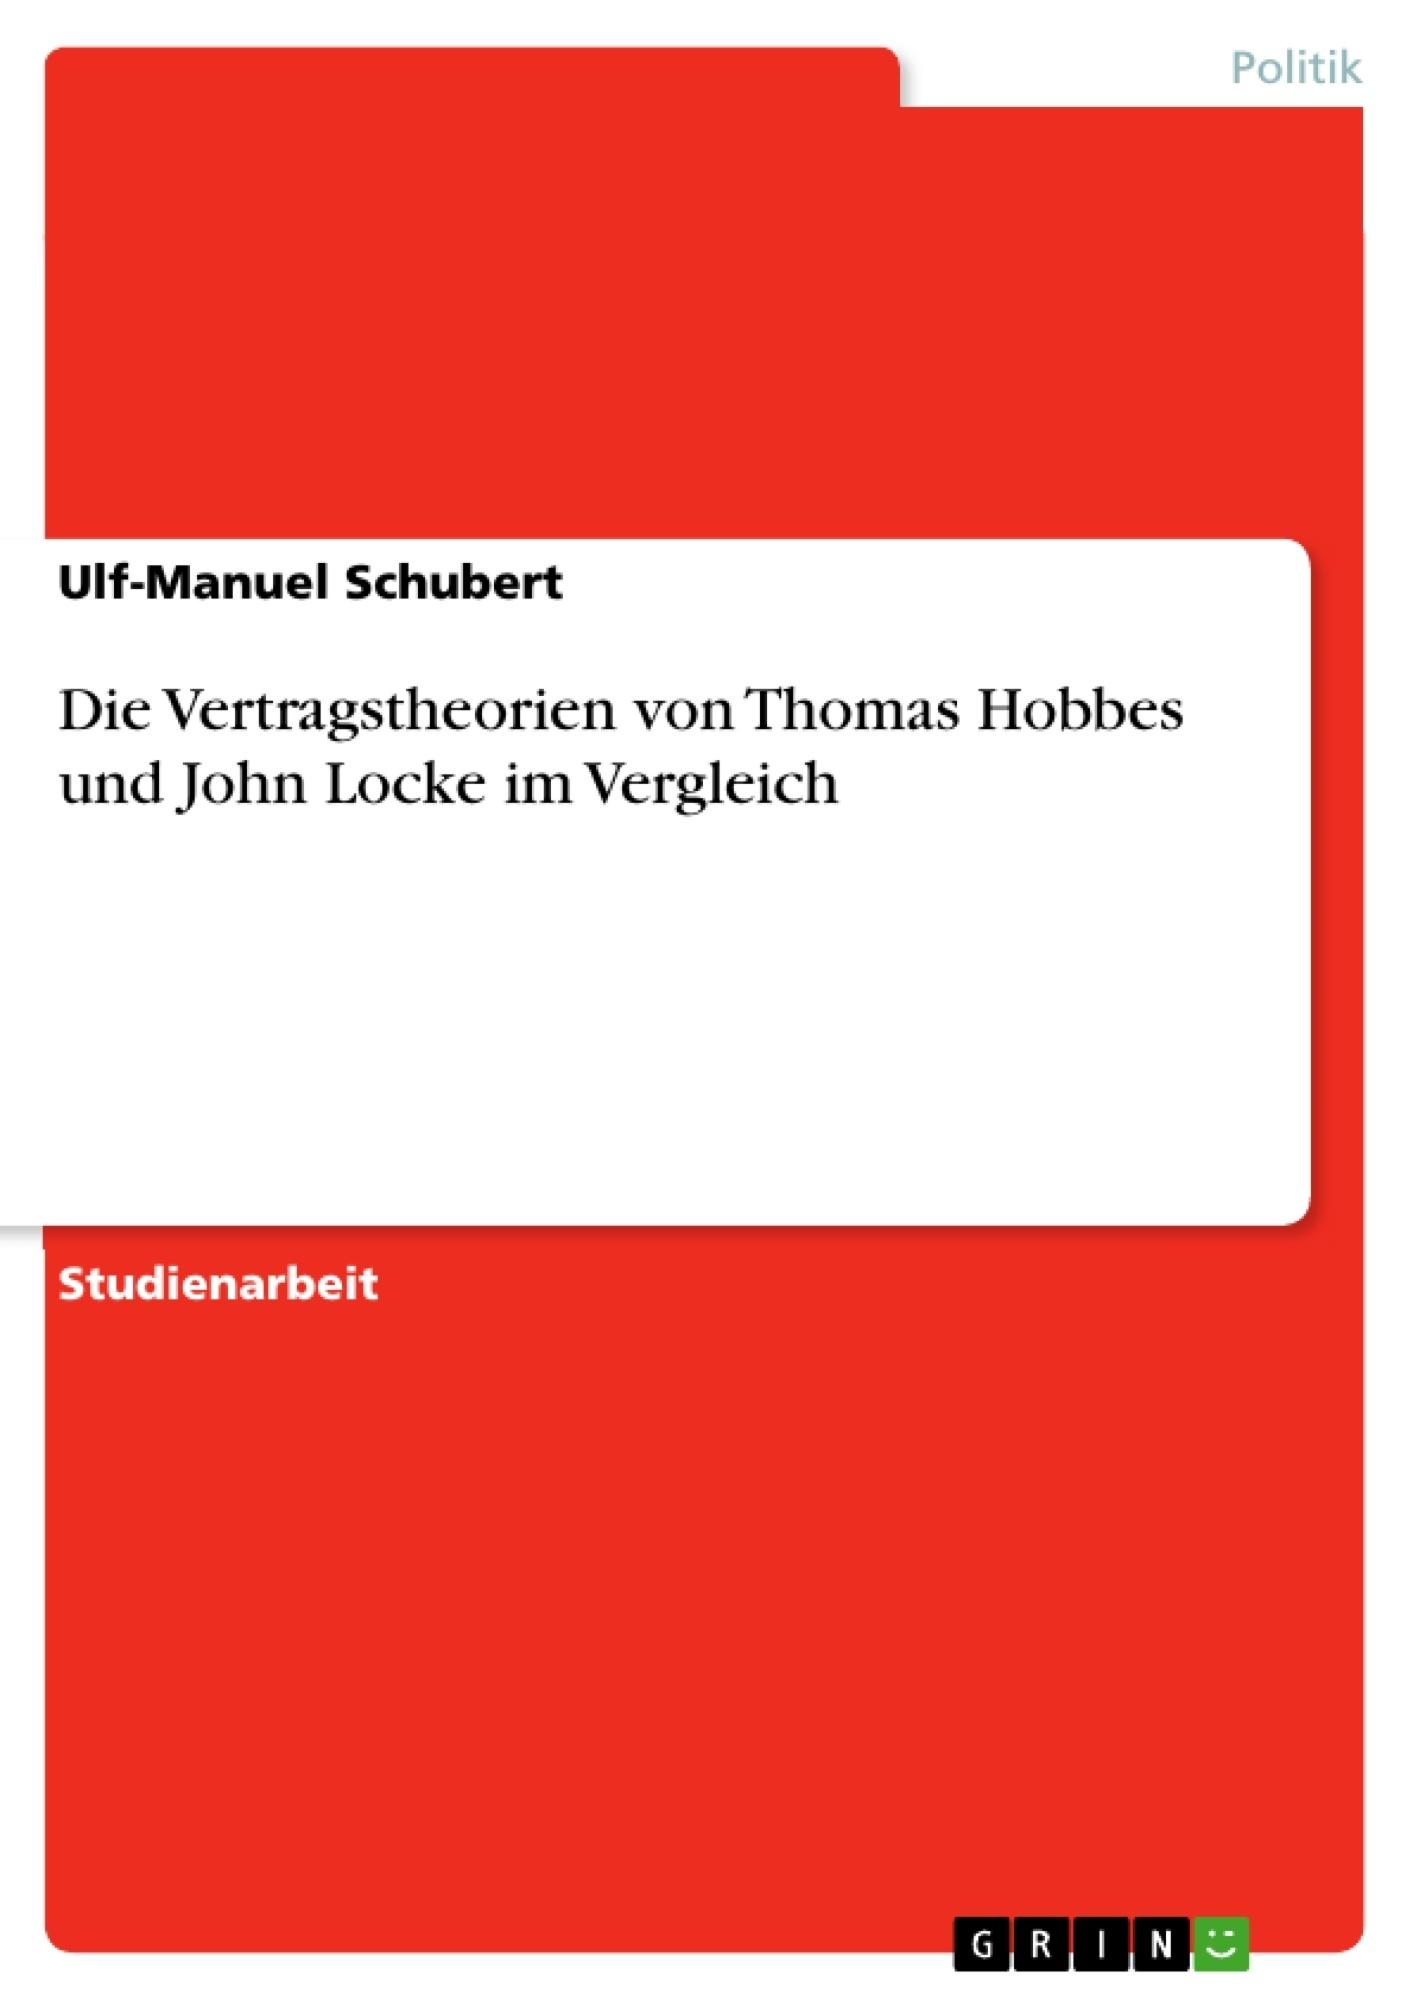 Titel: Die Vertragstheorien von Thomas Hobbes und John Locke im Vergleich